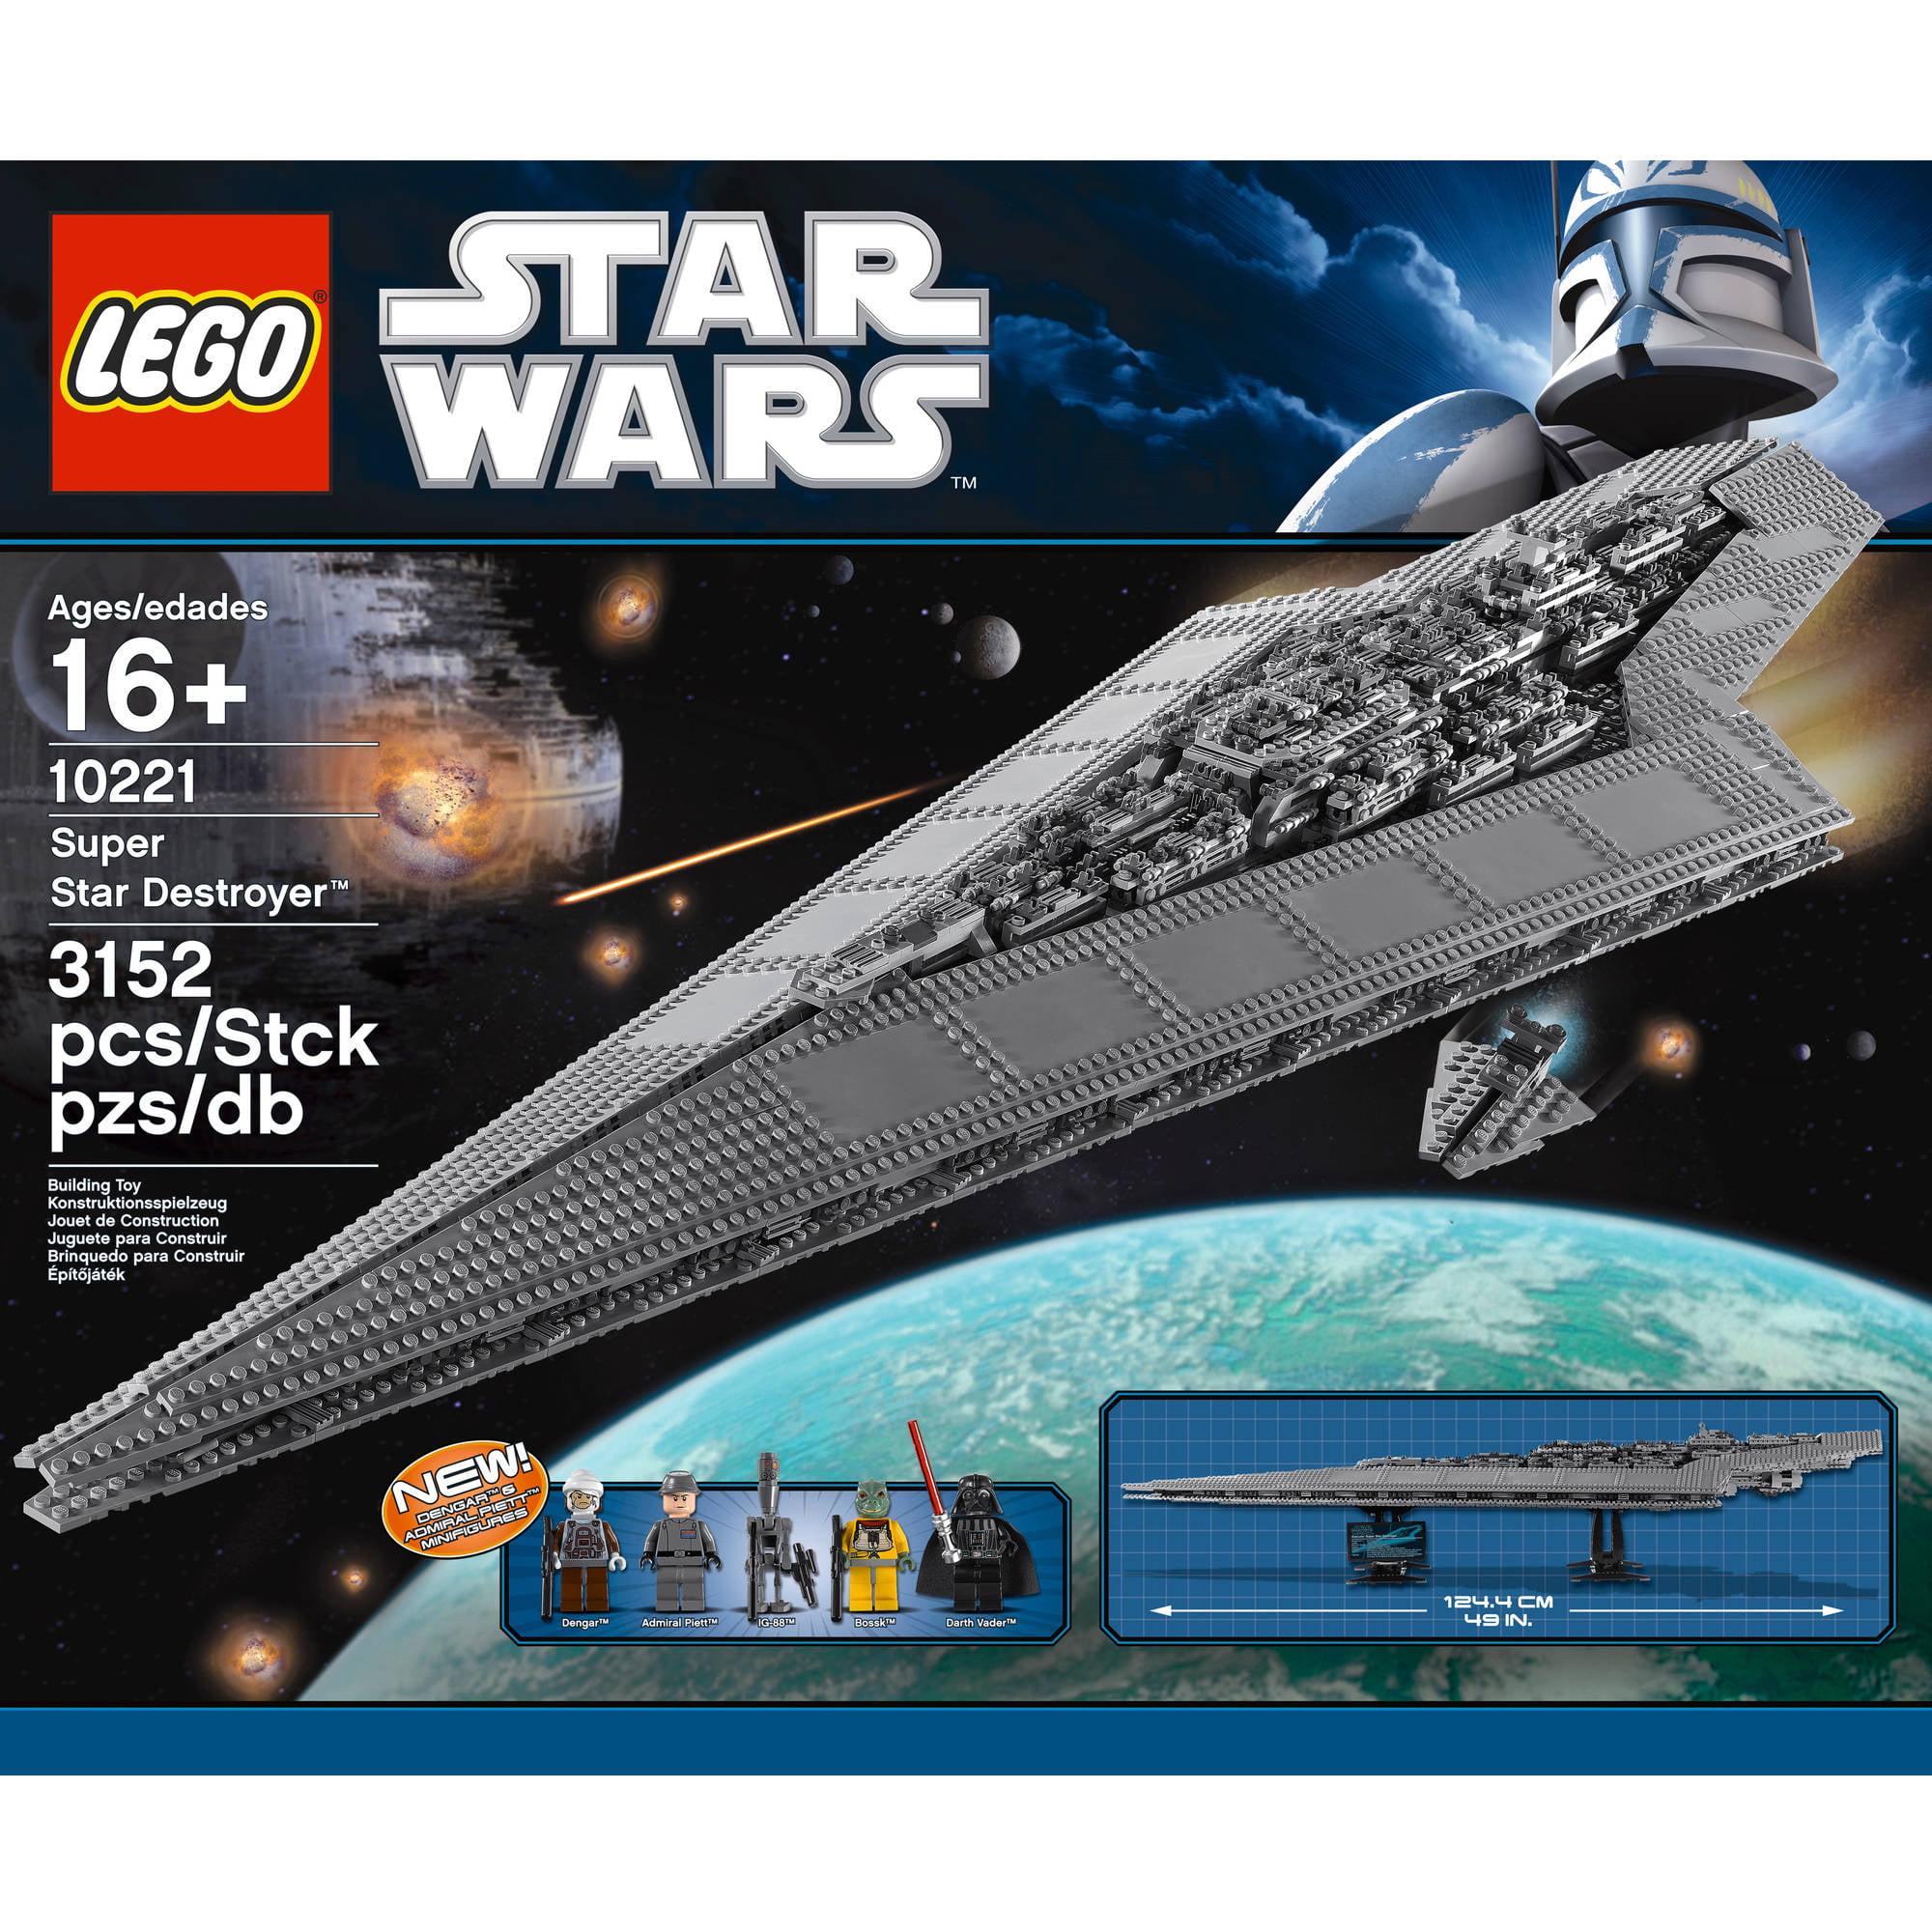 Lego Star Wars Super Star Destroyer 10221 by LEGO Systems, Inc.